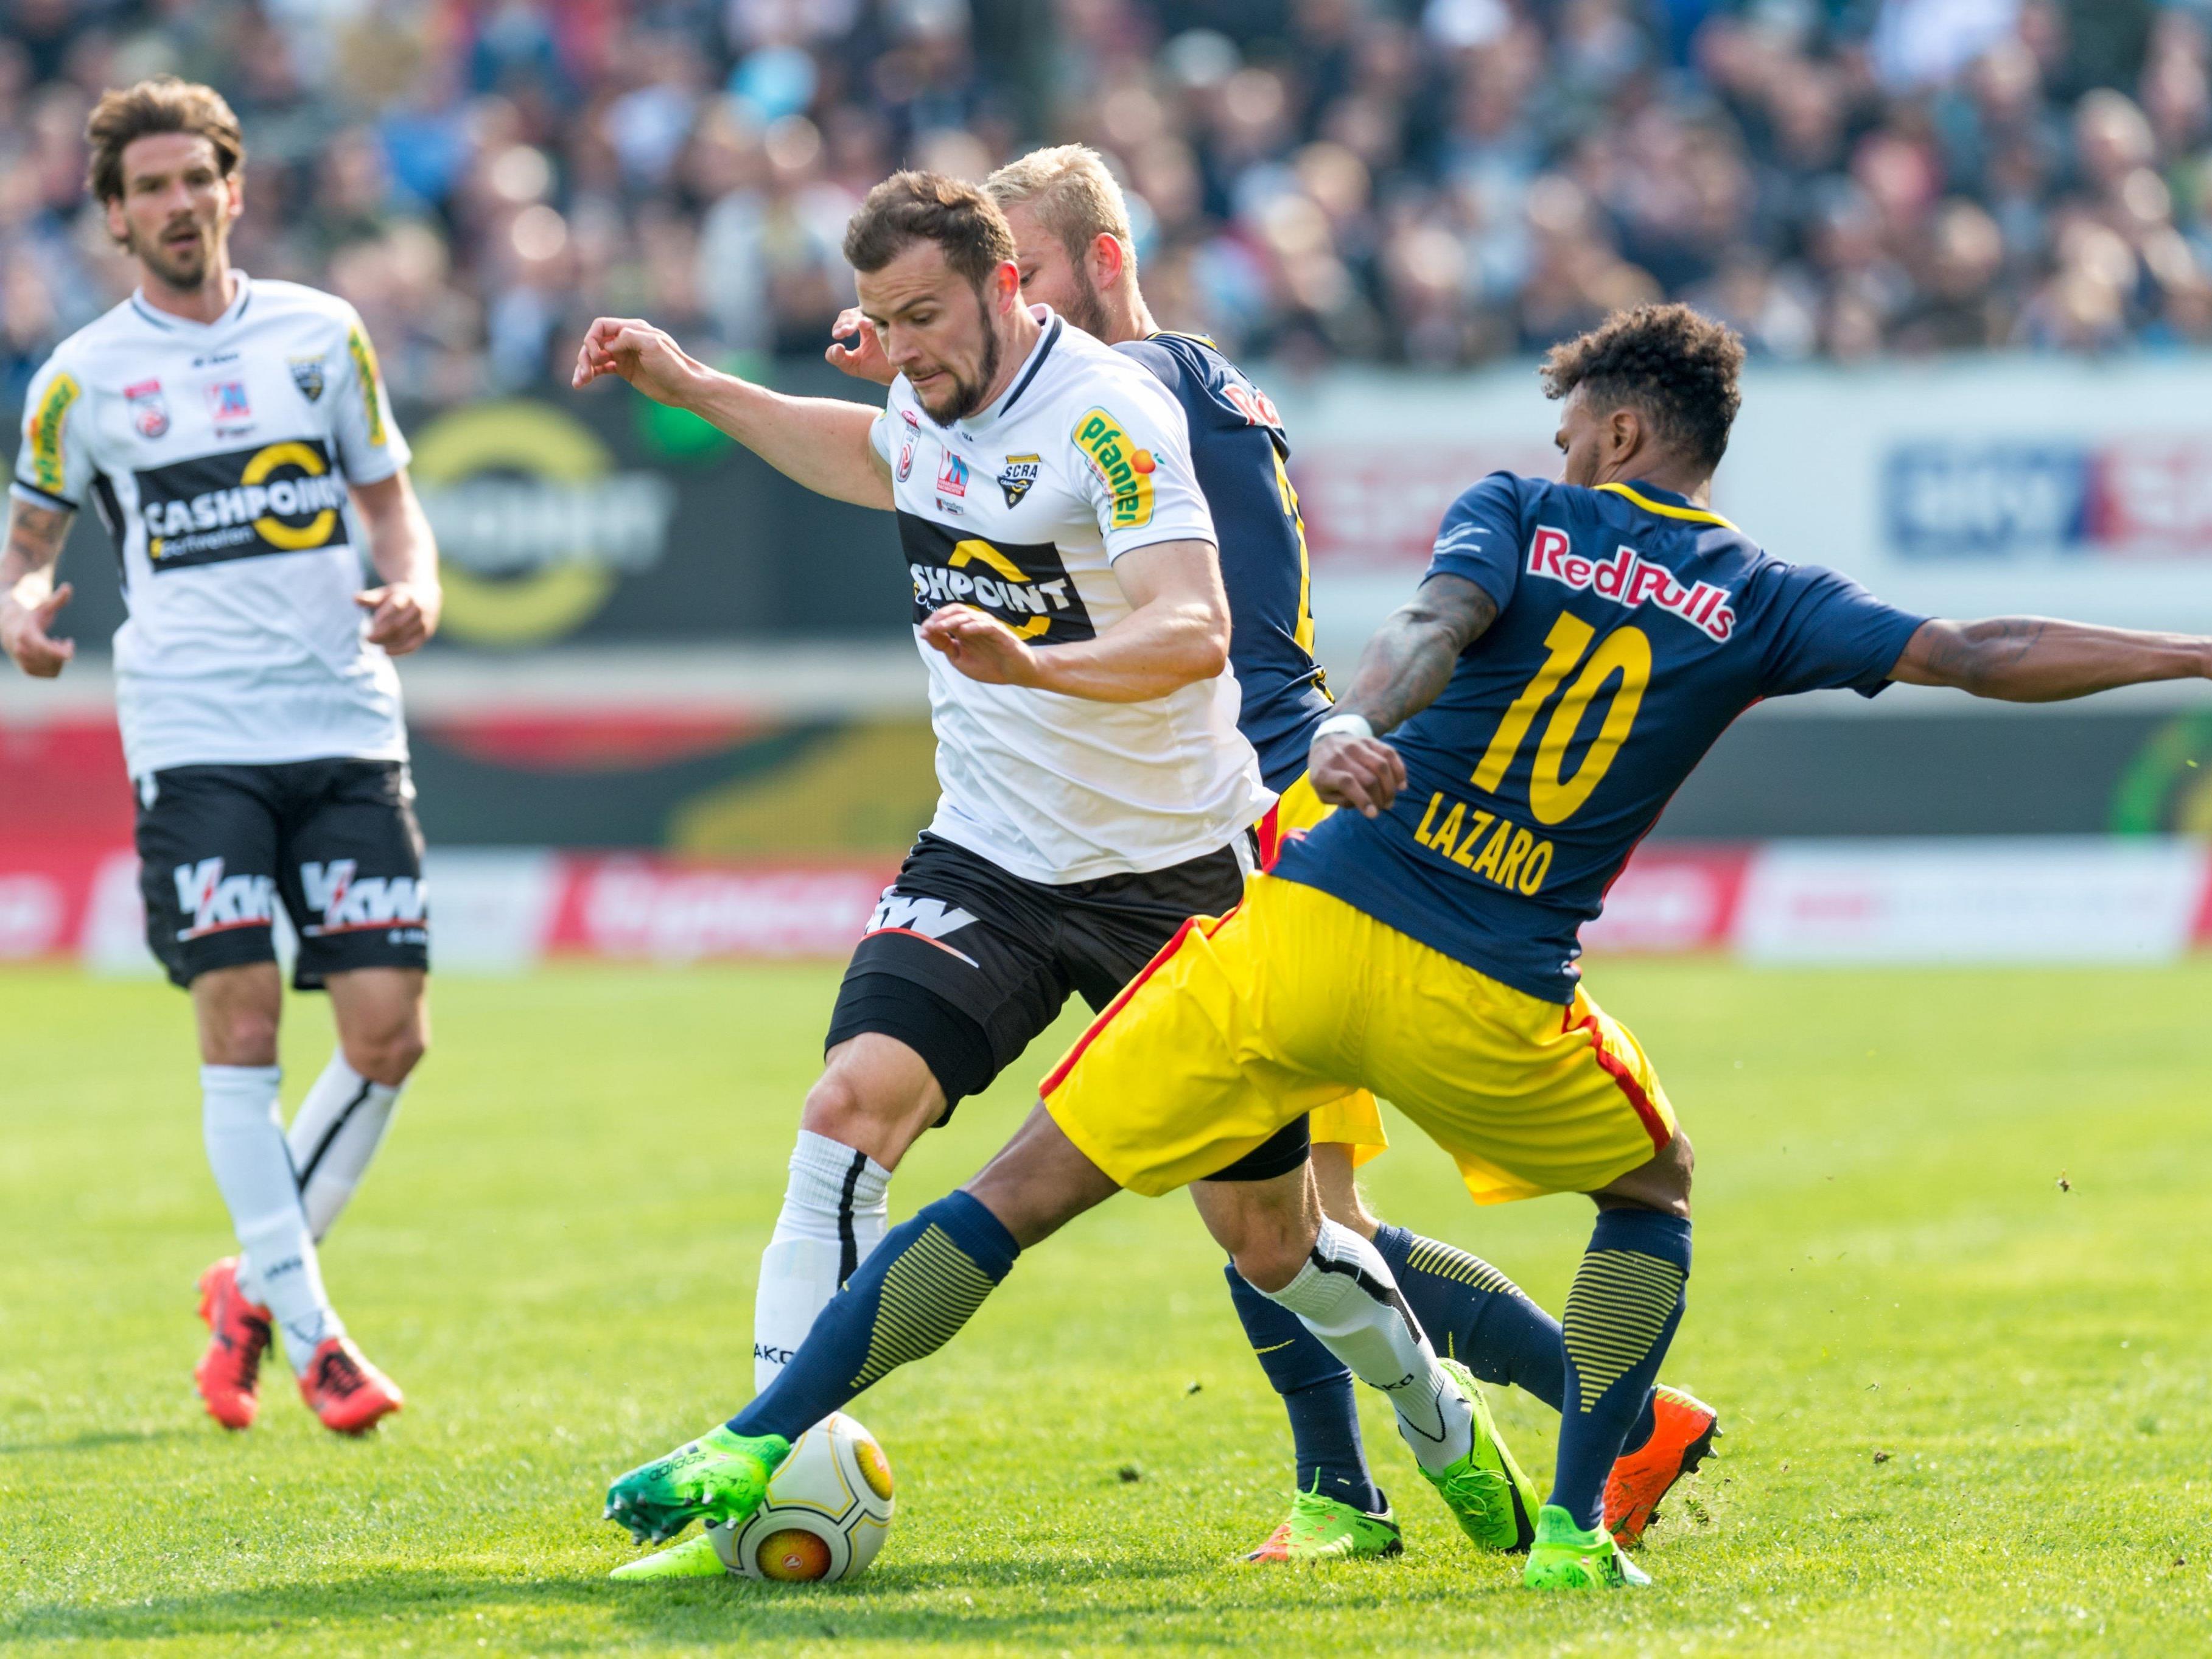 LIVE-Ticker zum Spiel Red Bull Salzburg gegen SCR Altach ab 16.30 Uhr.